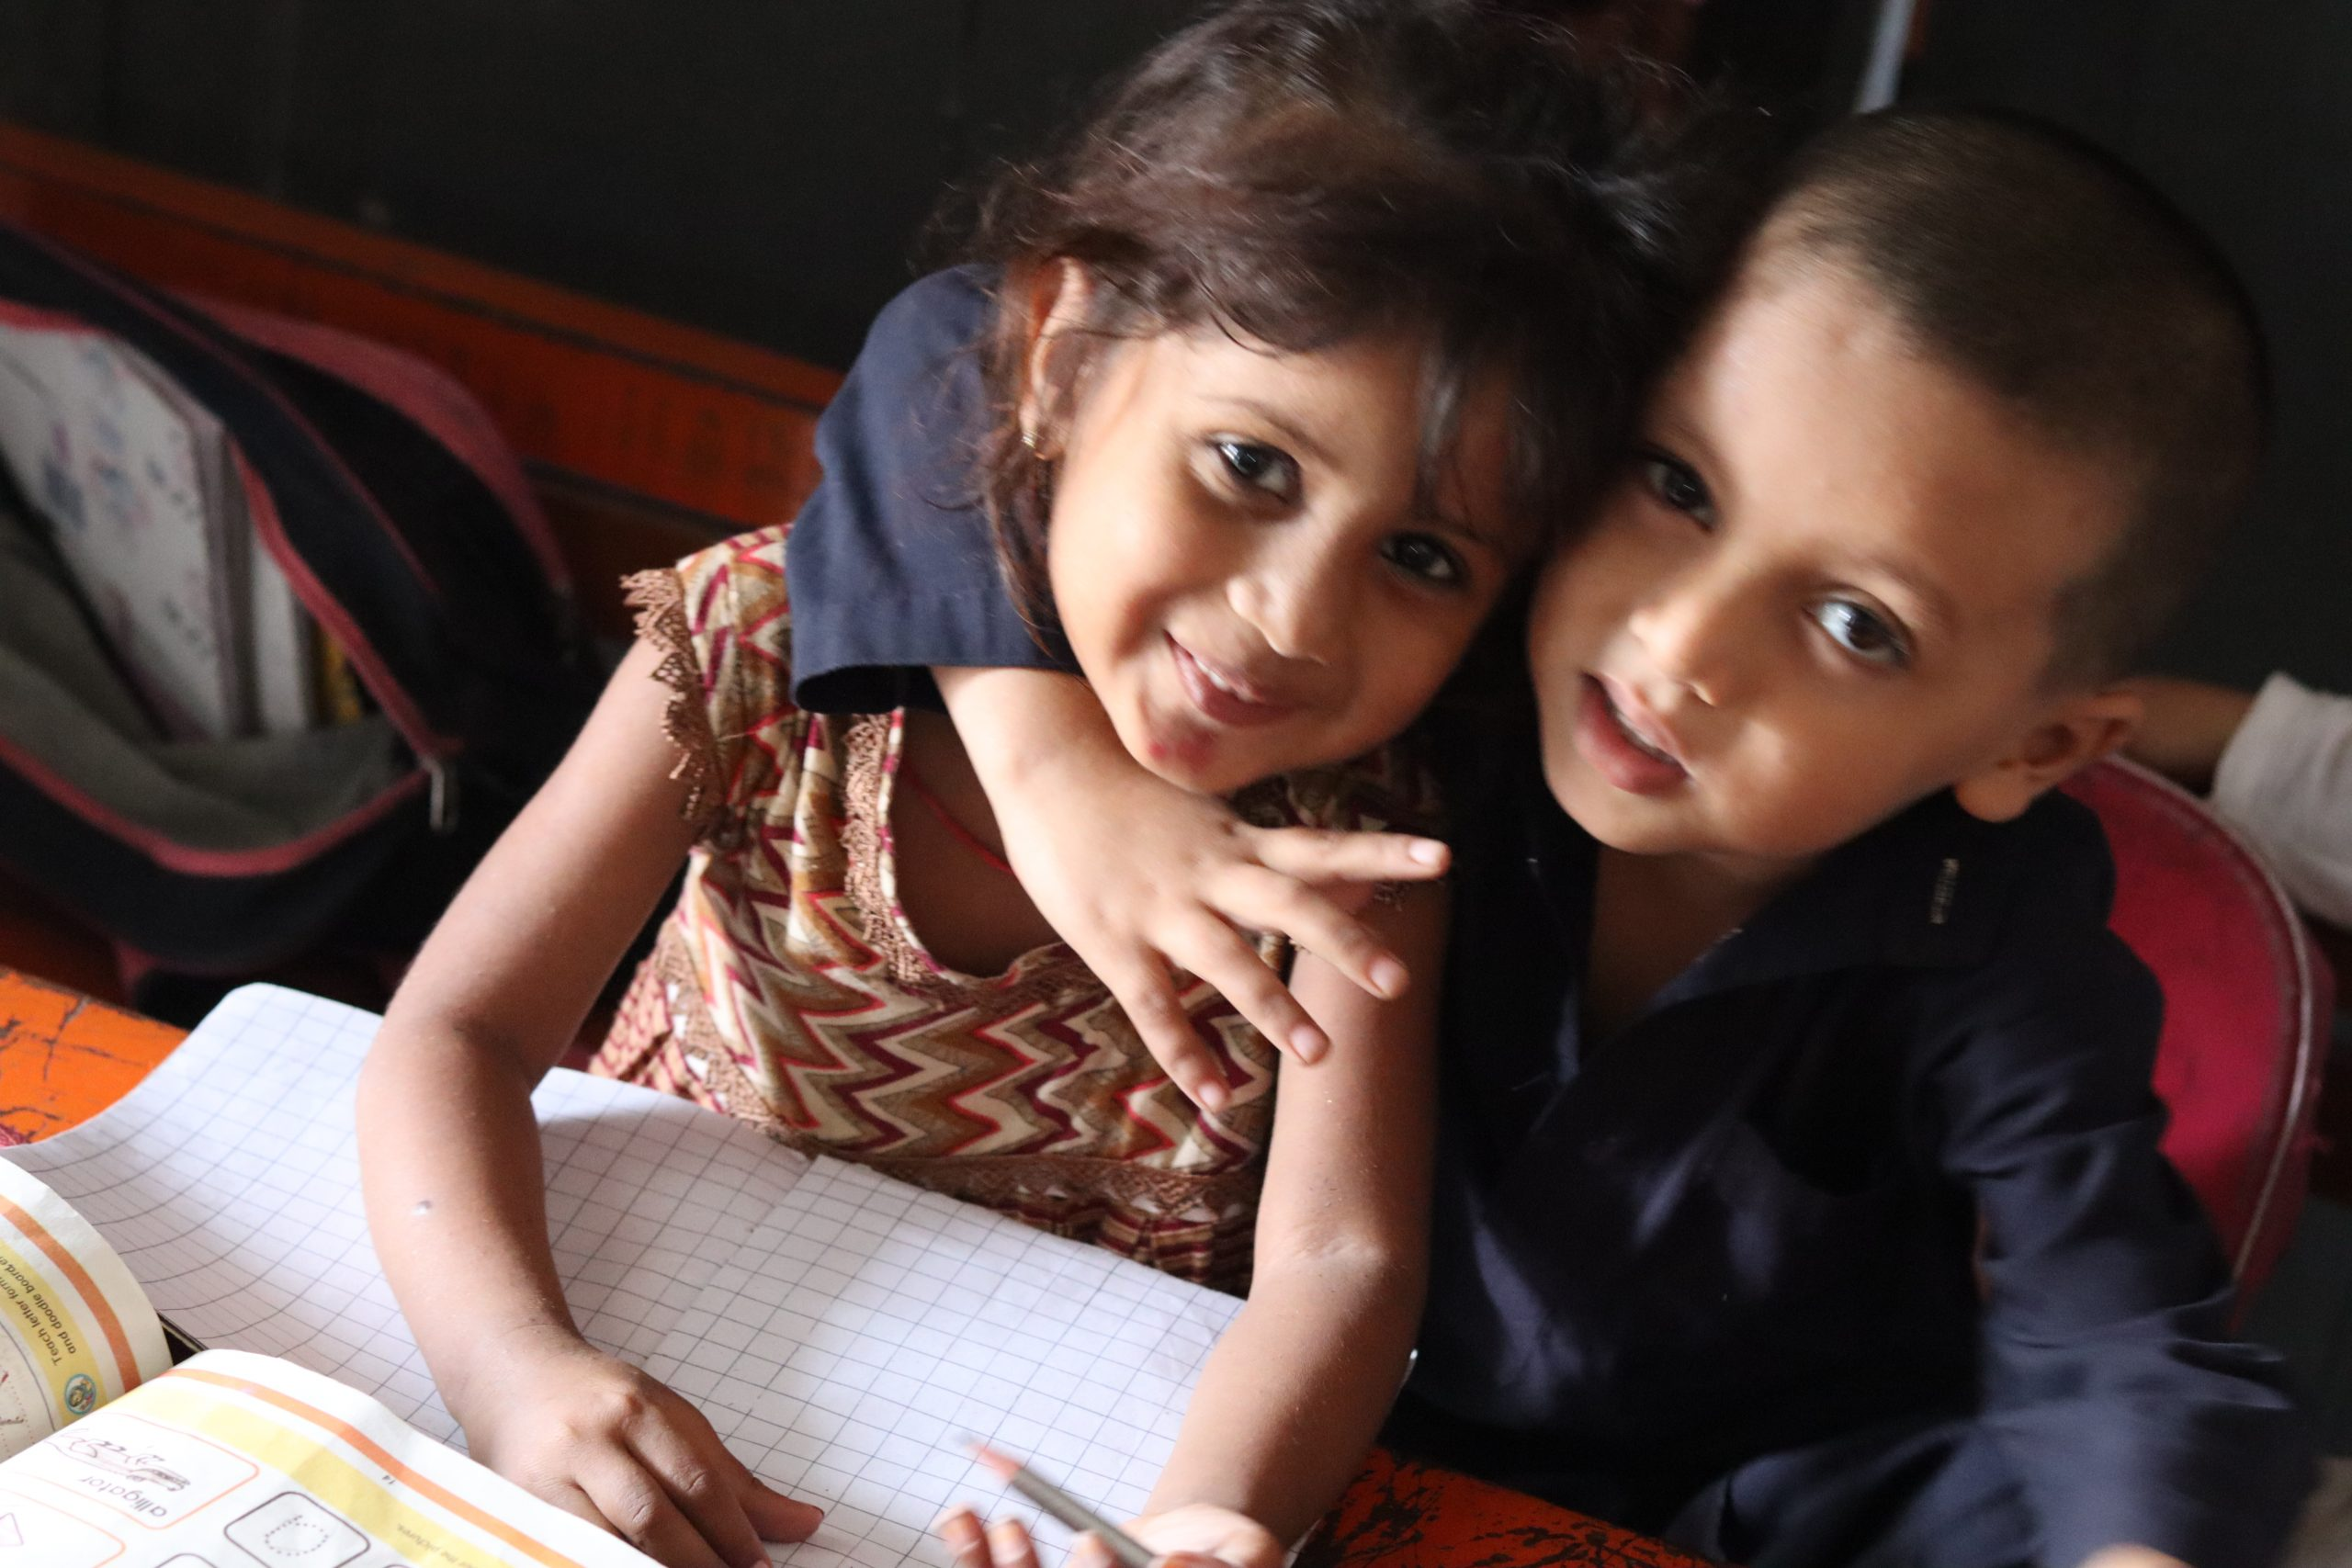 گورنمنٹ  ایم سی پرائمری  سکول رحیم آباد (ملتان) میں جماعت  نرسری کے  بہن بھائی شرارت  کے موڈ میں